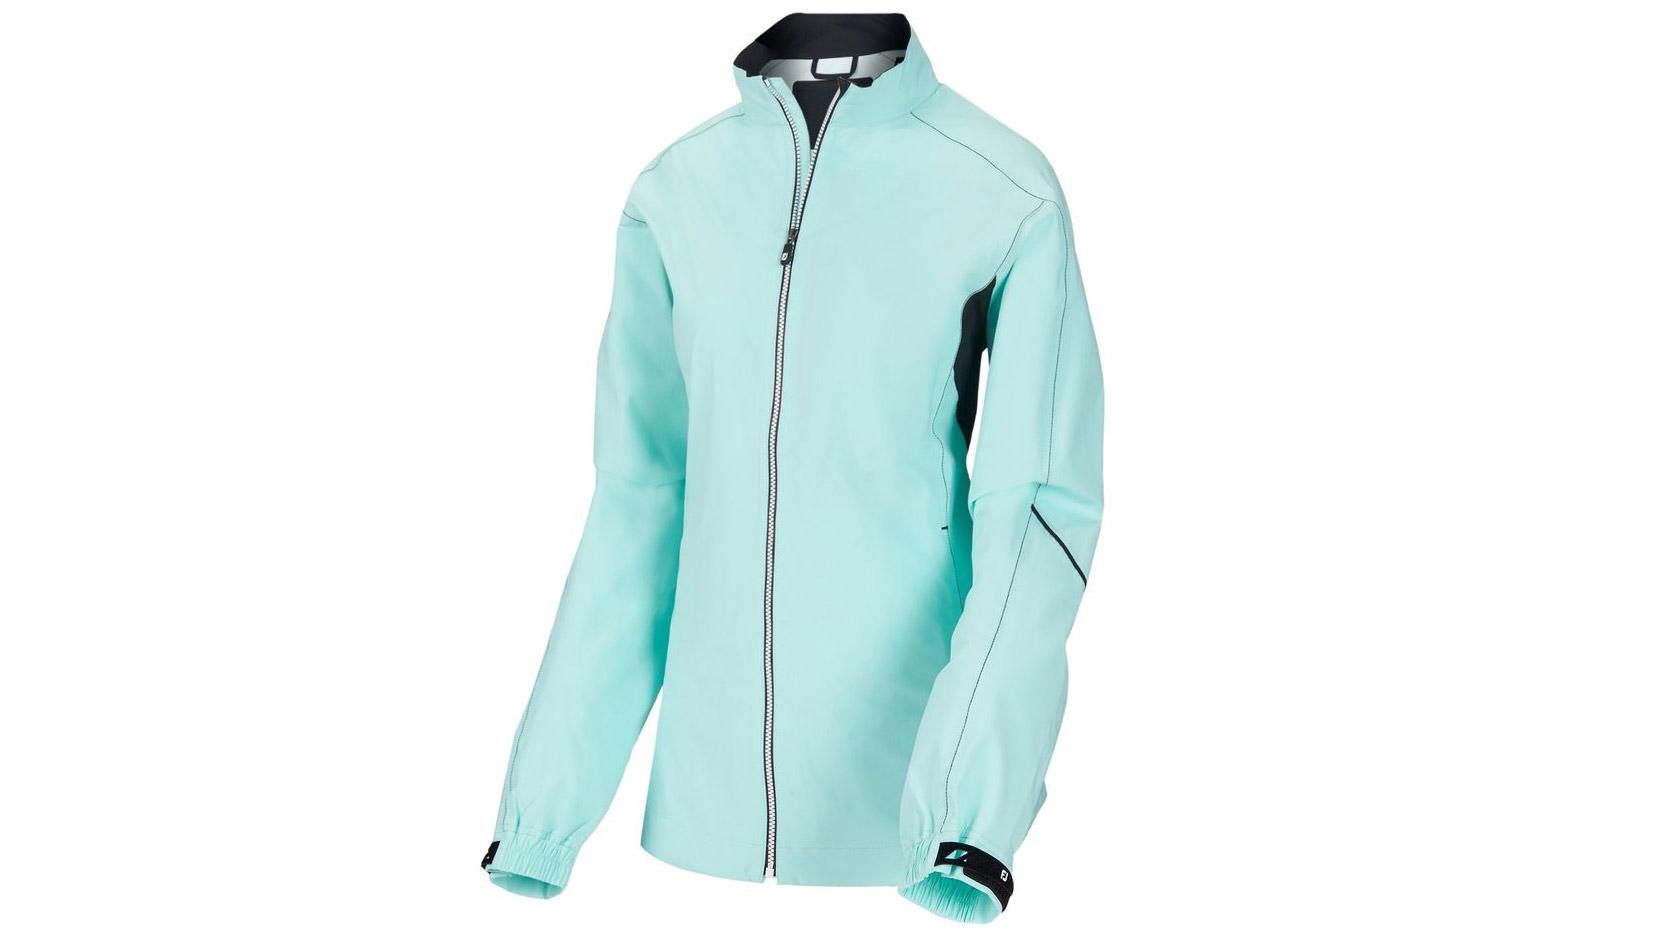 FootJoy HydroLite Rain Jacket Women, $170